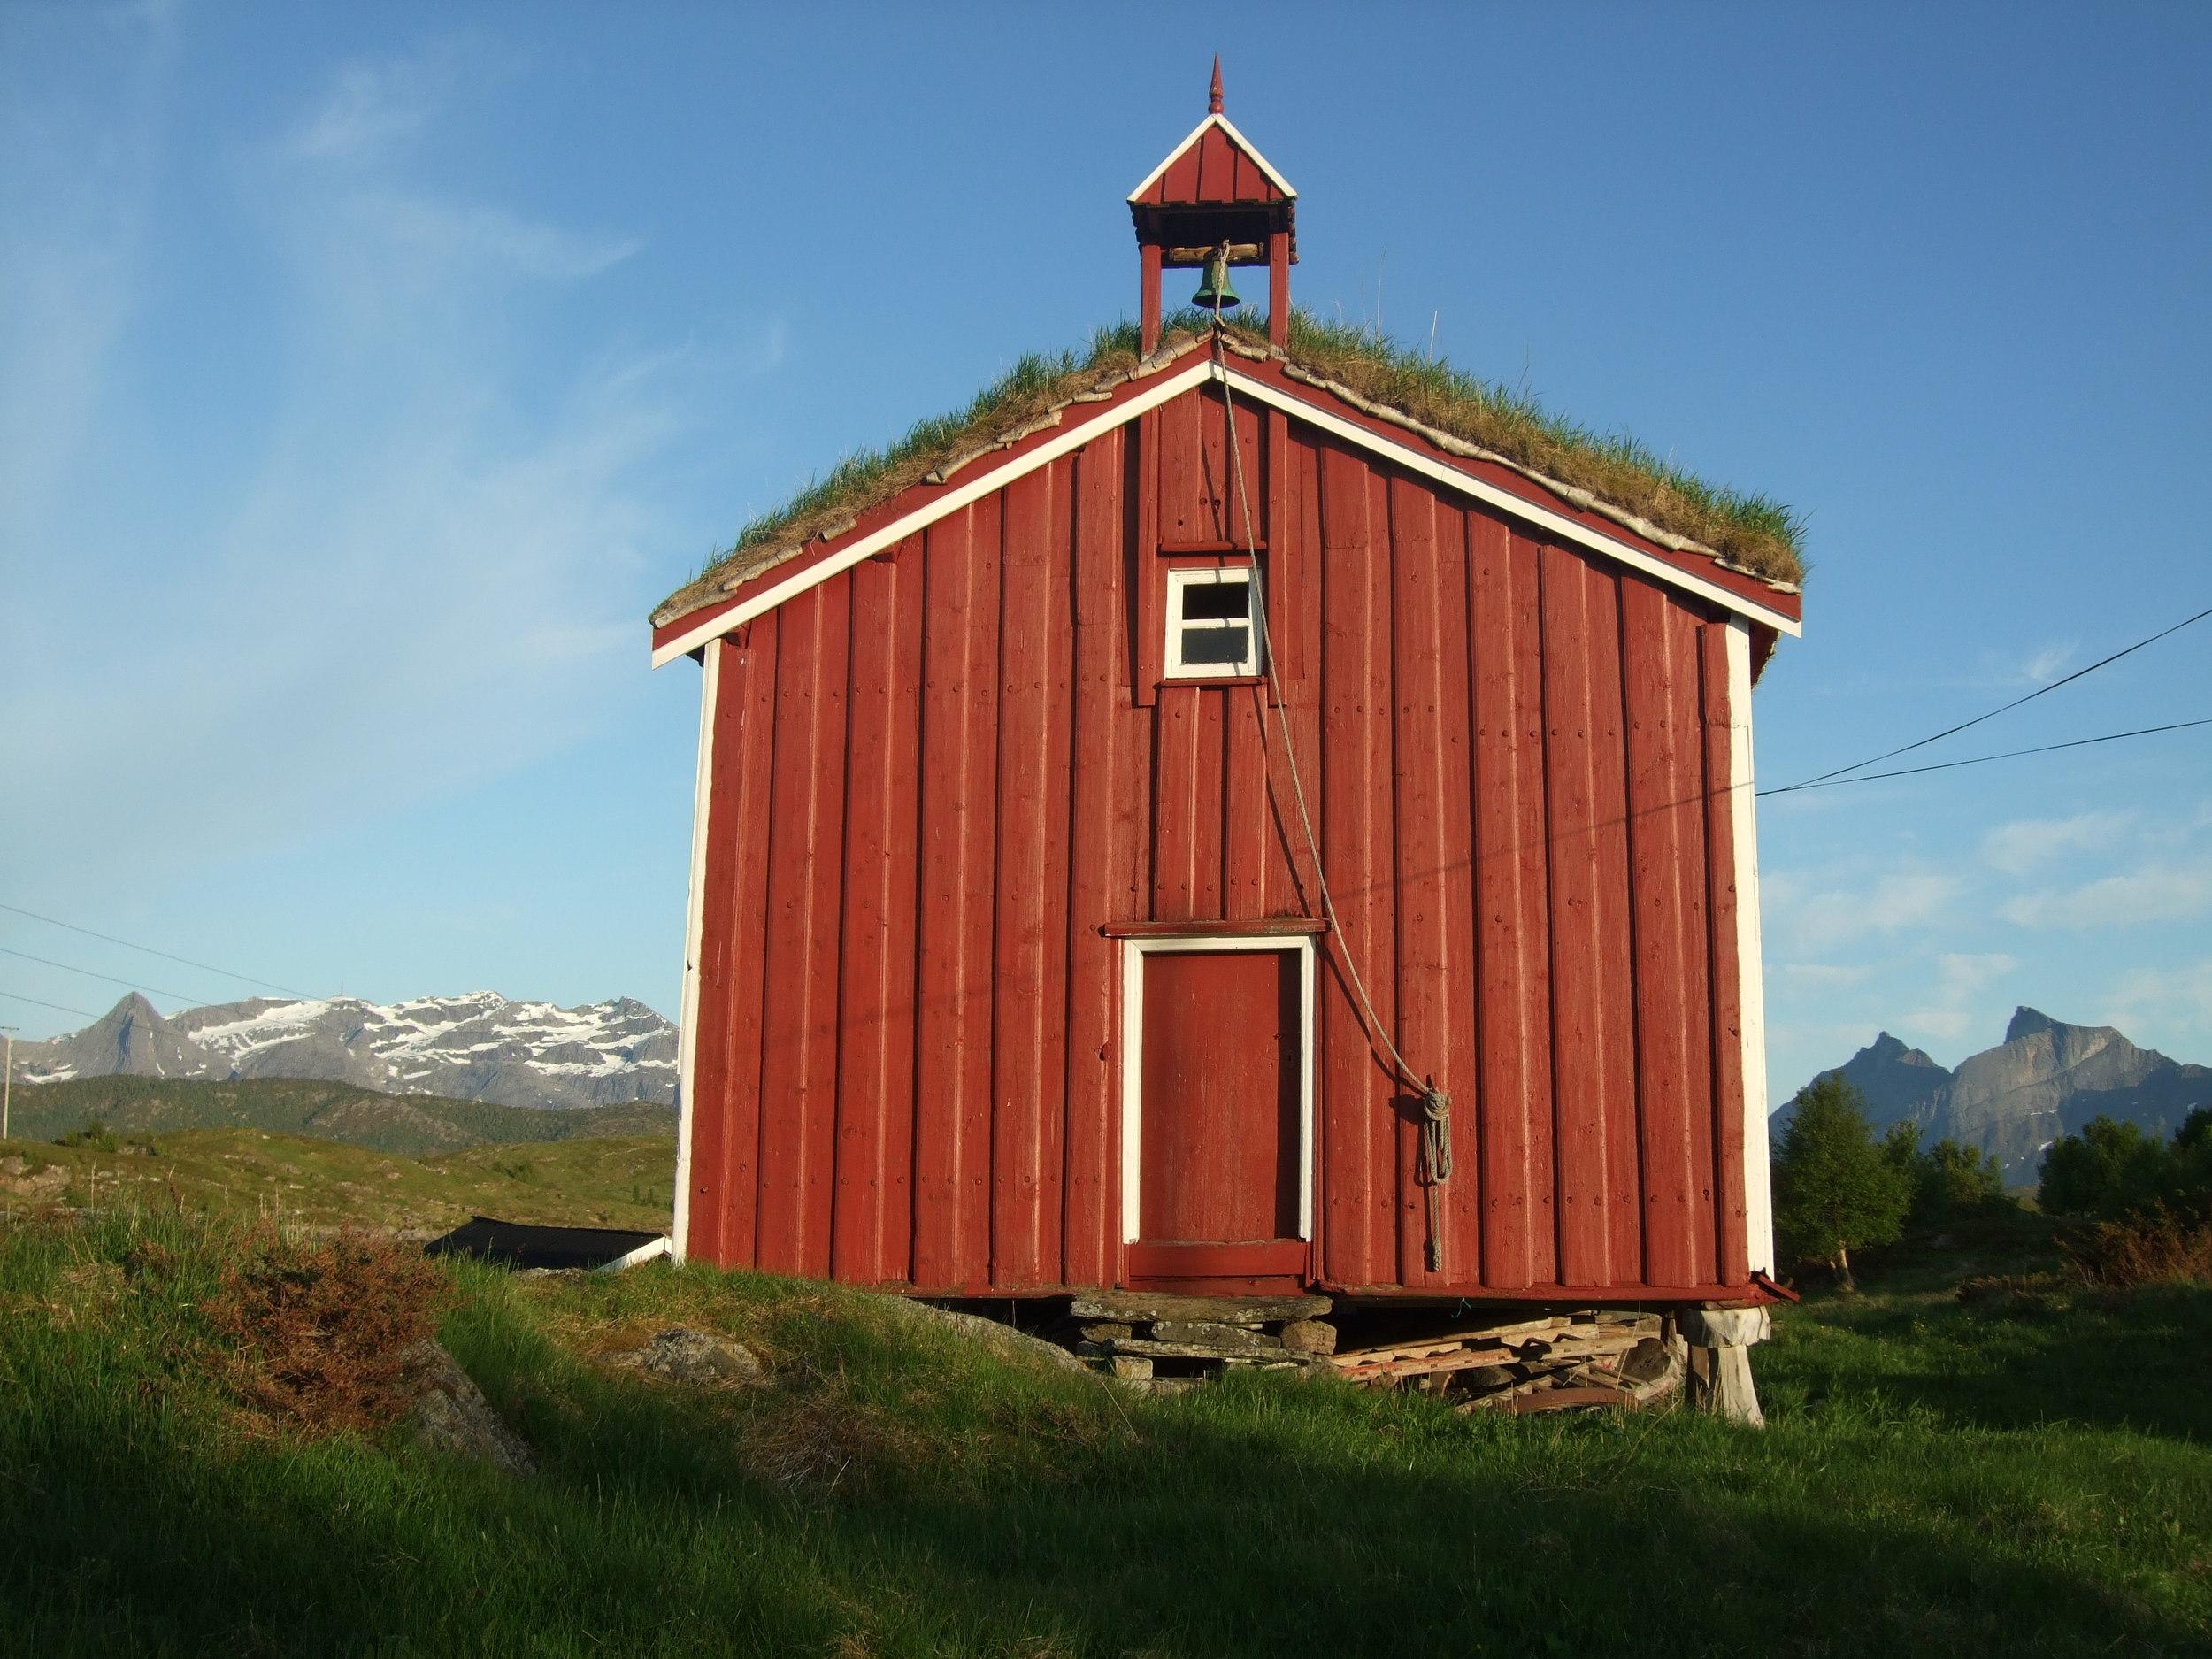 Stabbur i Nordland nytekket med never og torv etter restaurering. Foto: Finn Rindahl / Wikipedia .